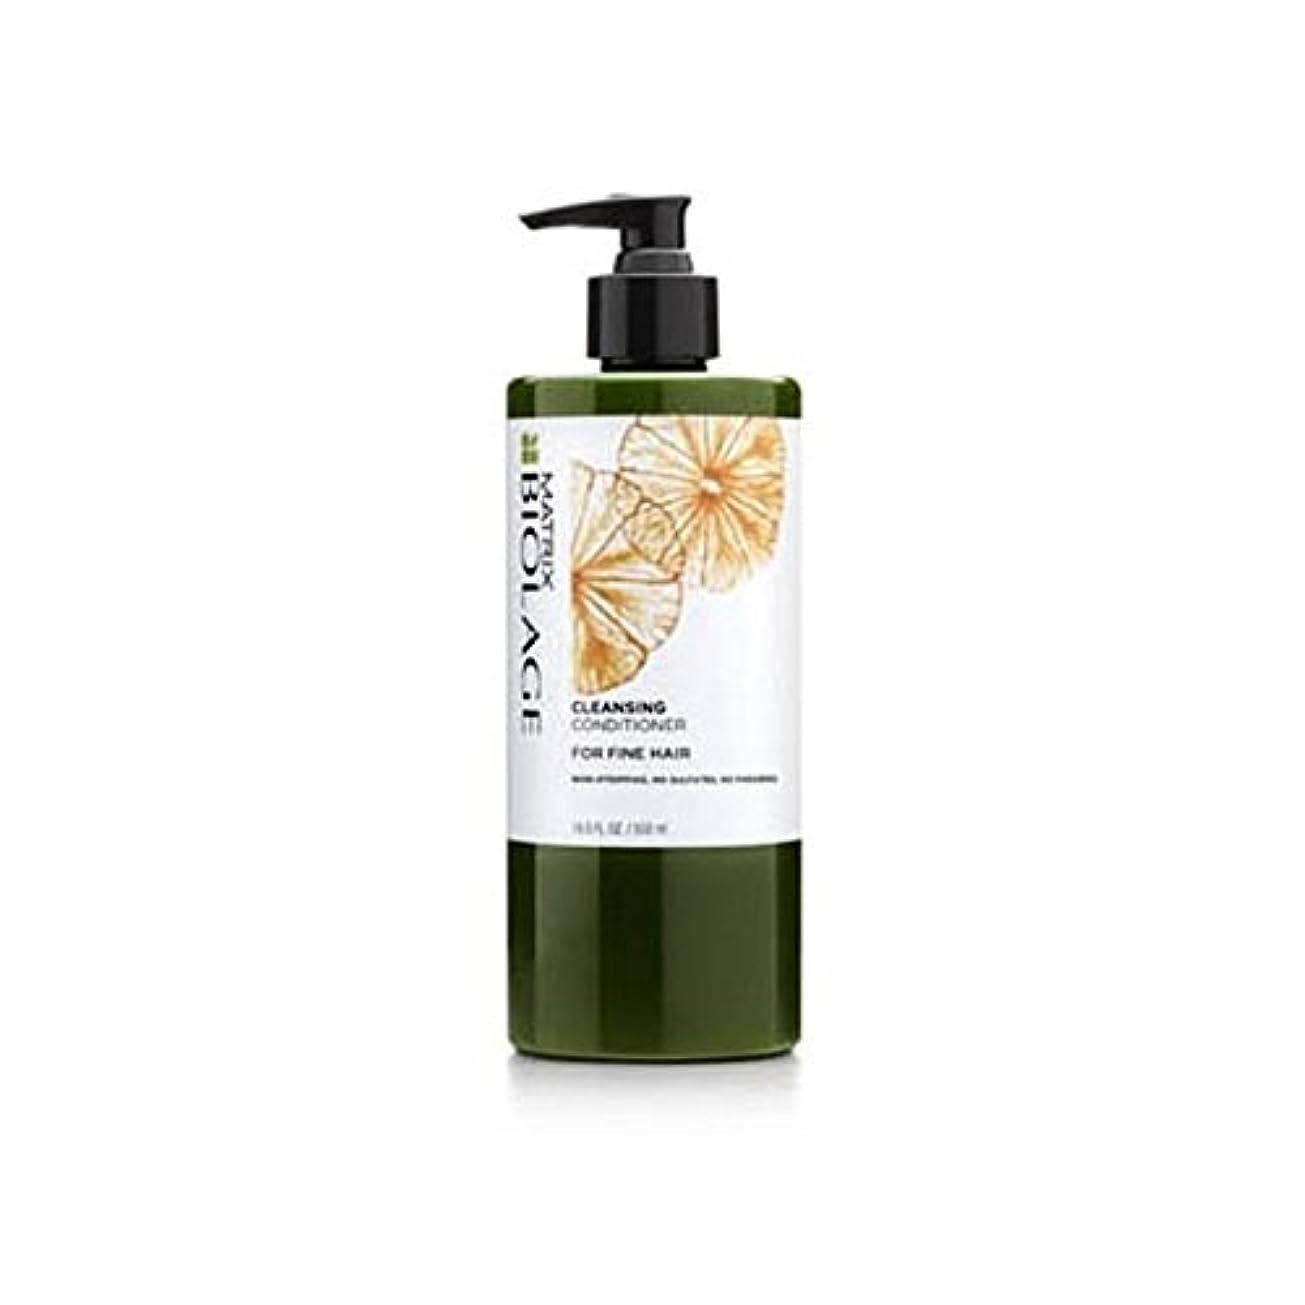 フリースプロット他のバンドでMatrix Biolage Cleansing Conditioner - Fine Hair (500ml) - マトリックスバイオレイジクレンジングコンディショナー - 細い髪(500ミリリットル) [並行輸入品]